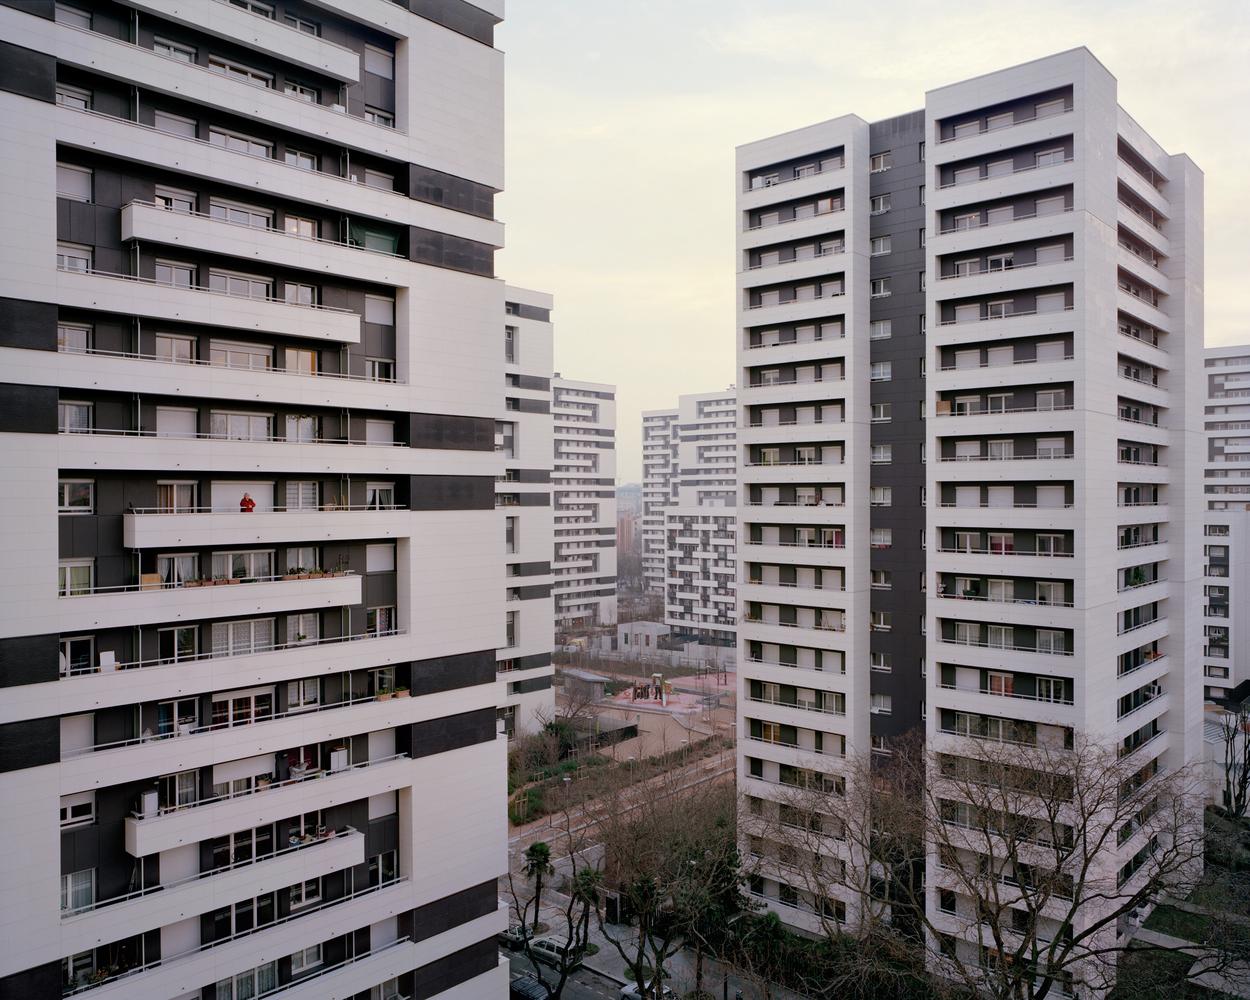 Noisy Le Grand Architecture gallery of a utopian dream stood still: ricardo bofill's